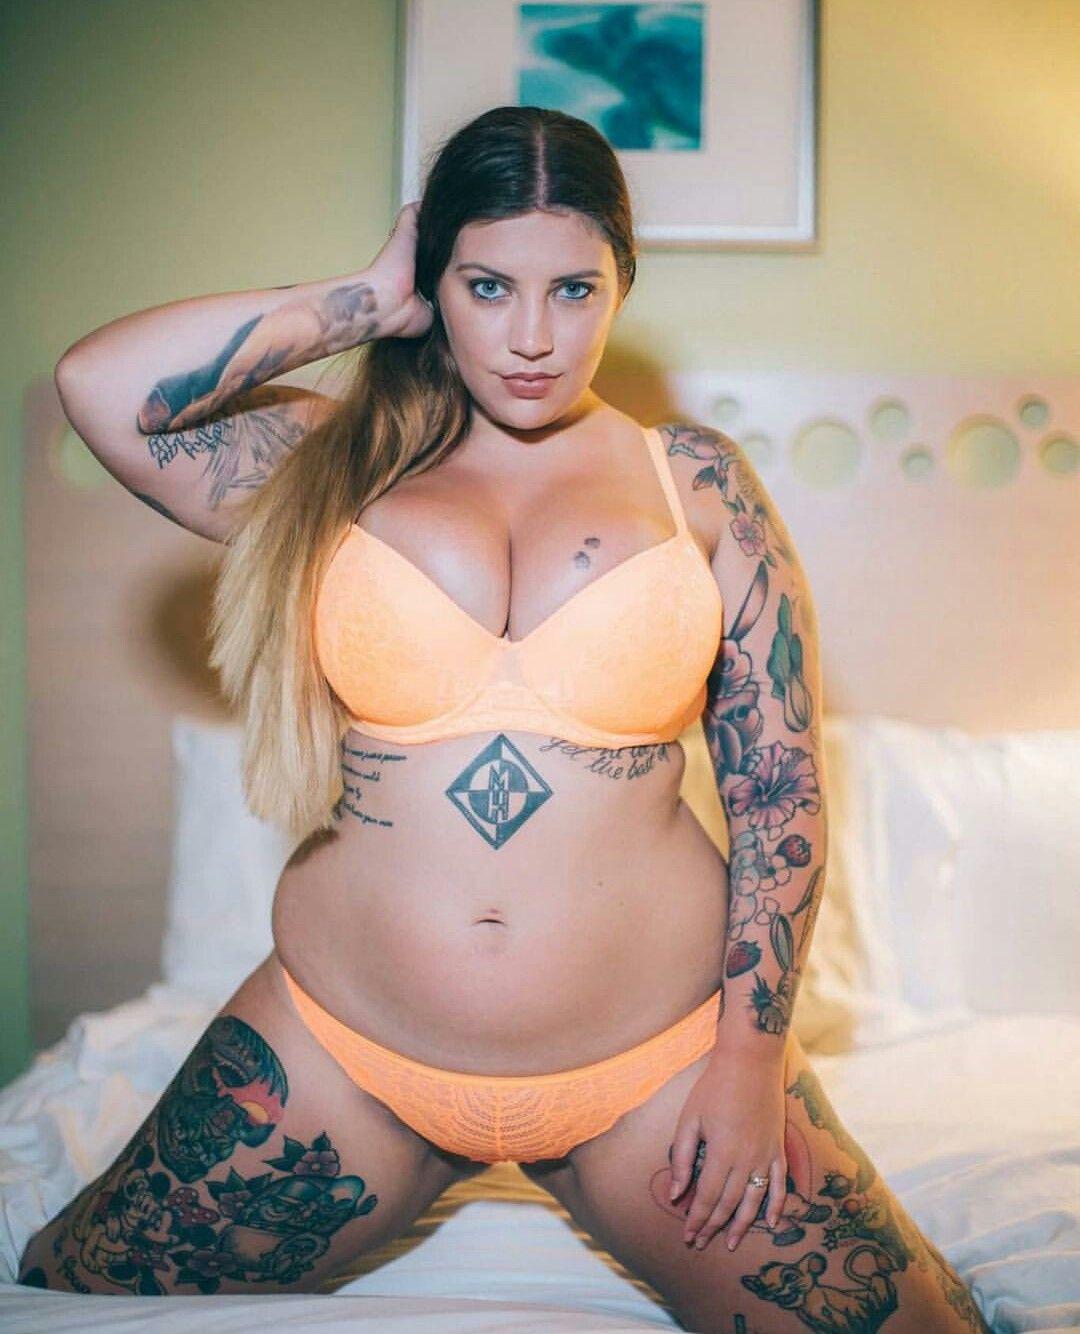 Bilder von sexy molligen Mädchen